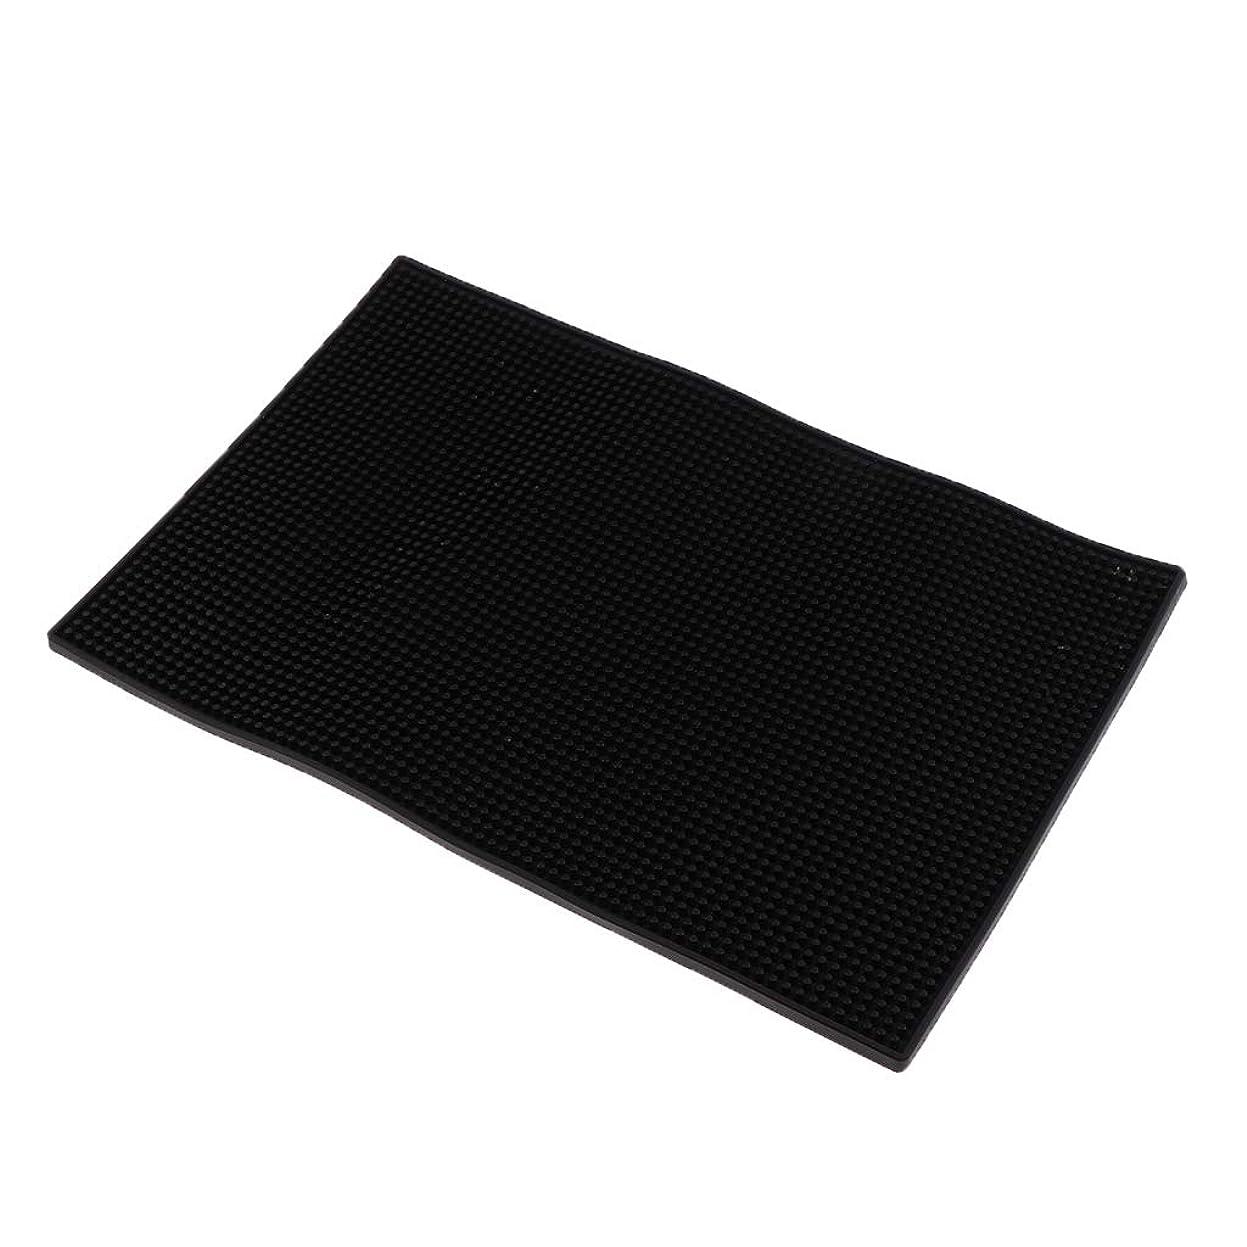 予想する必要民兵CUTICATE シリコンマット ハンドレストクッション ネイルアート ネイル道具 全3色 - 黒